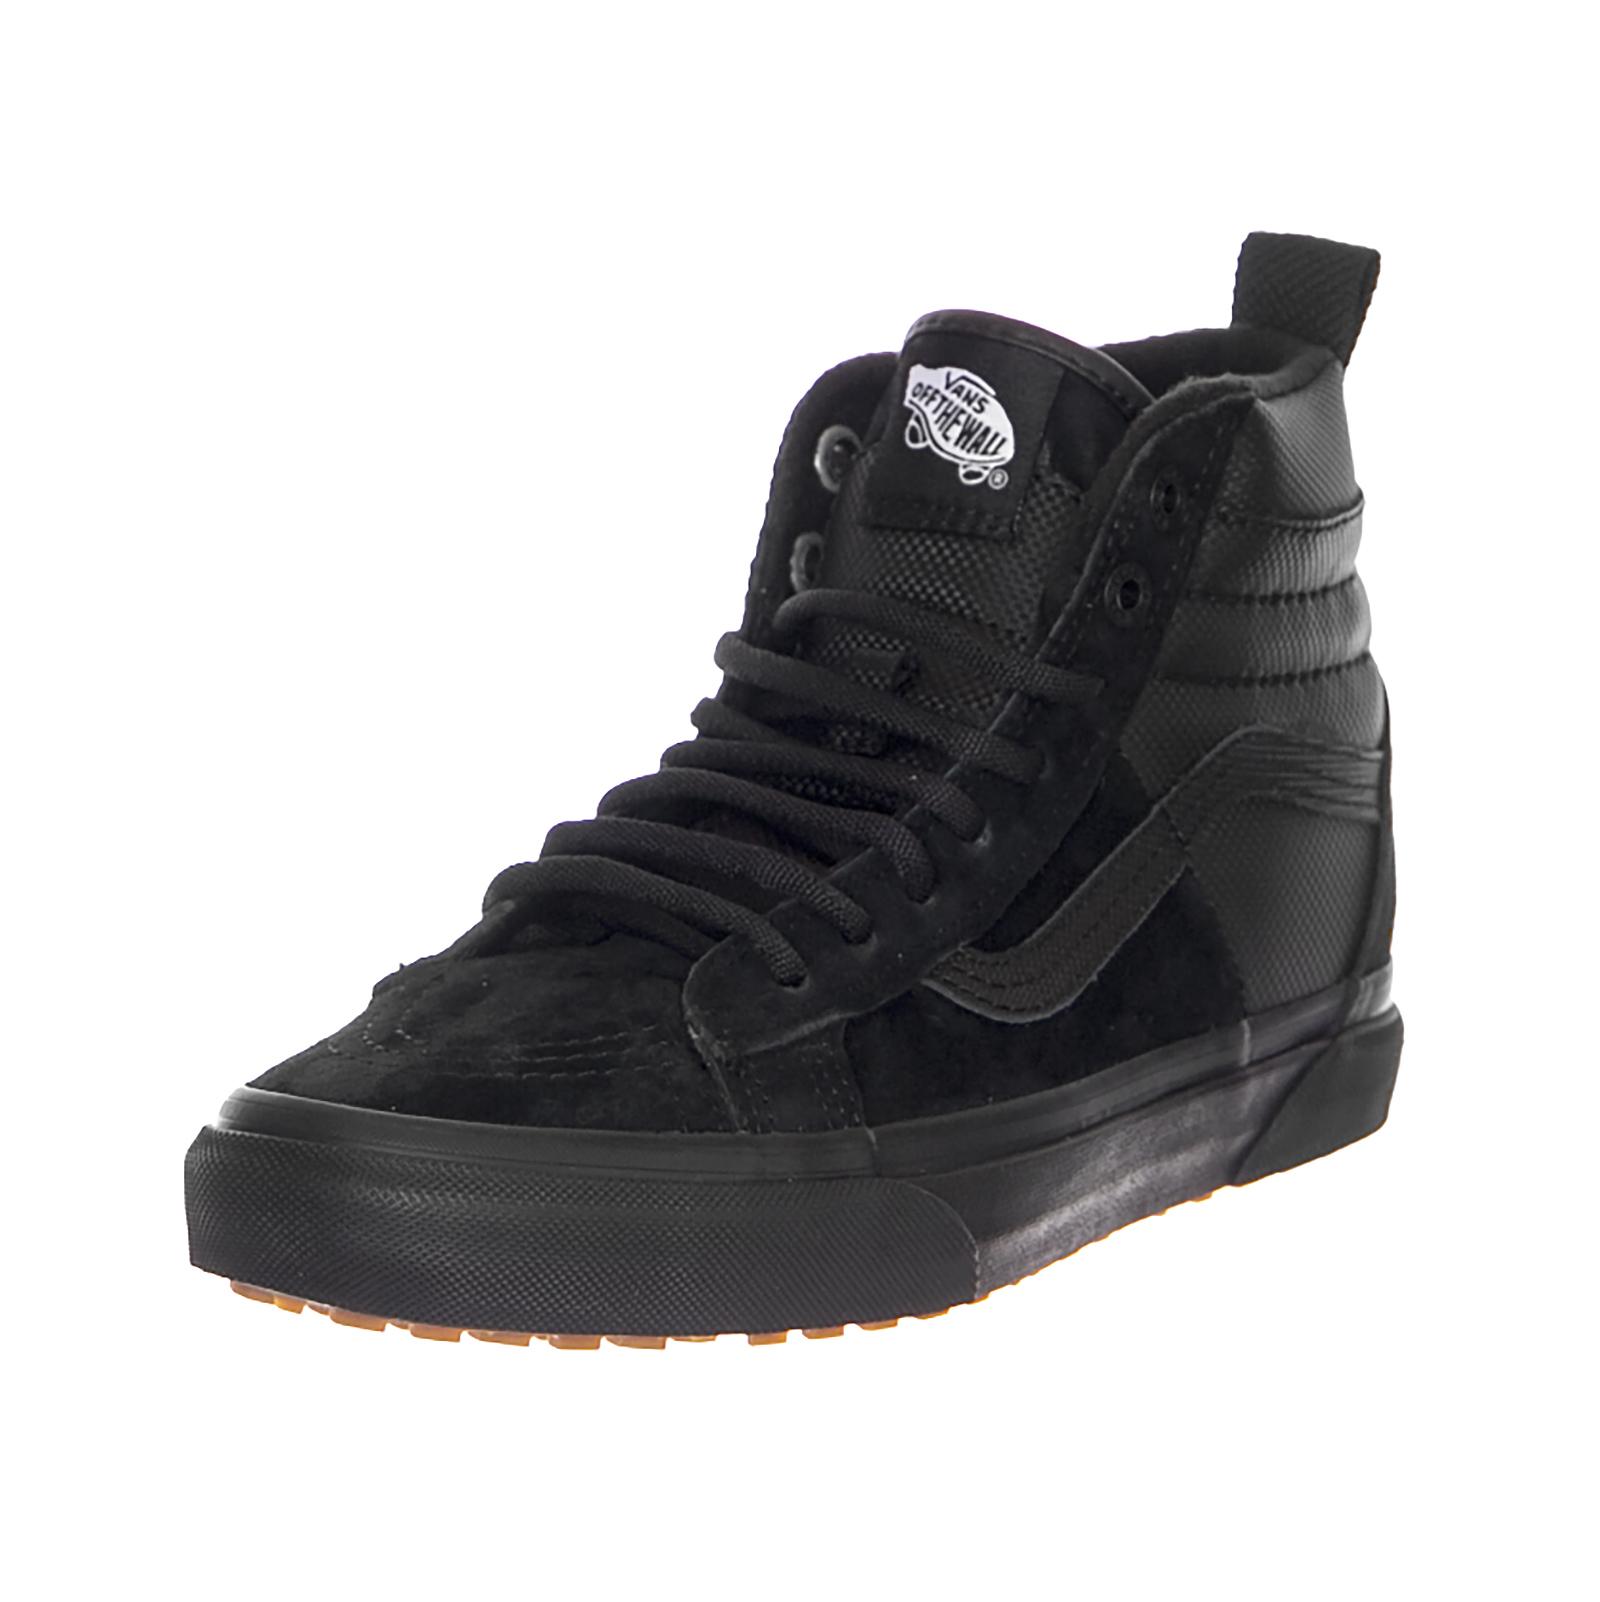 89b76e1044f Vans Sneakers Sk8-Hi 46 Mte Dx (MTE) X The North Face   Black Black ...